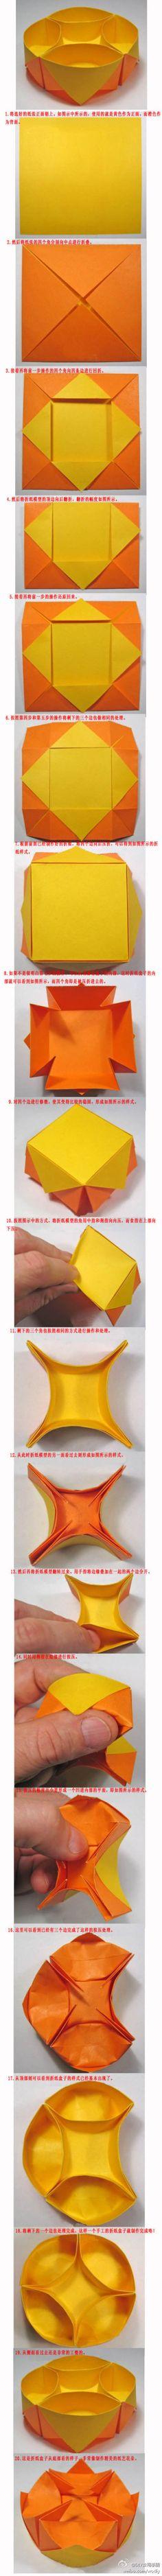 总共有5个槽的手工折纸收纳盒